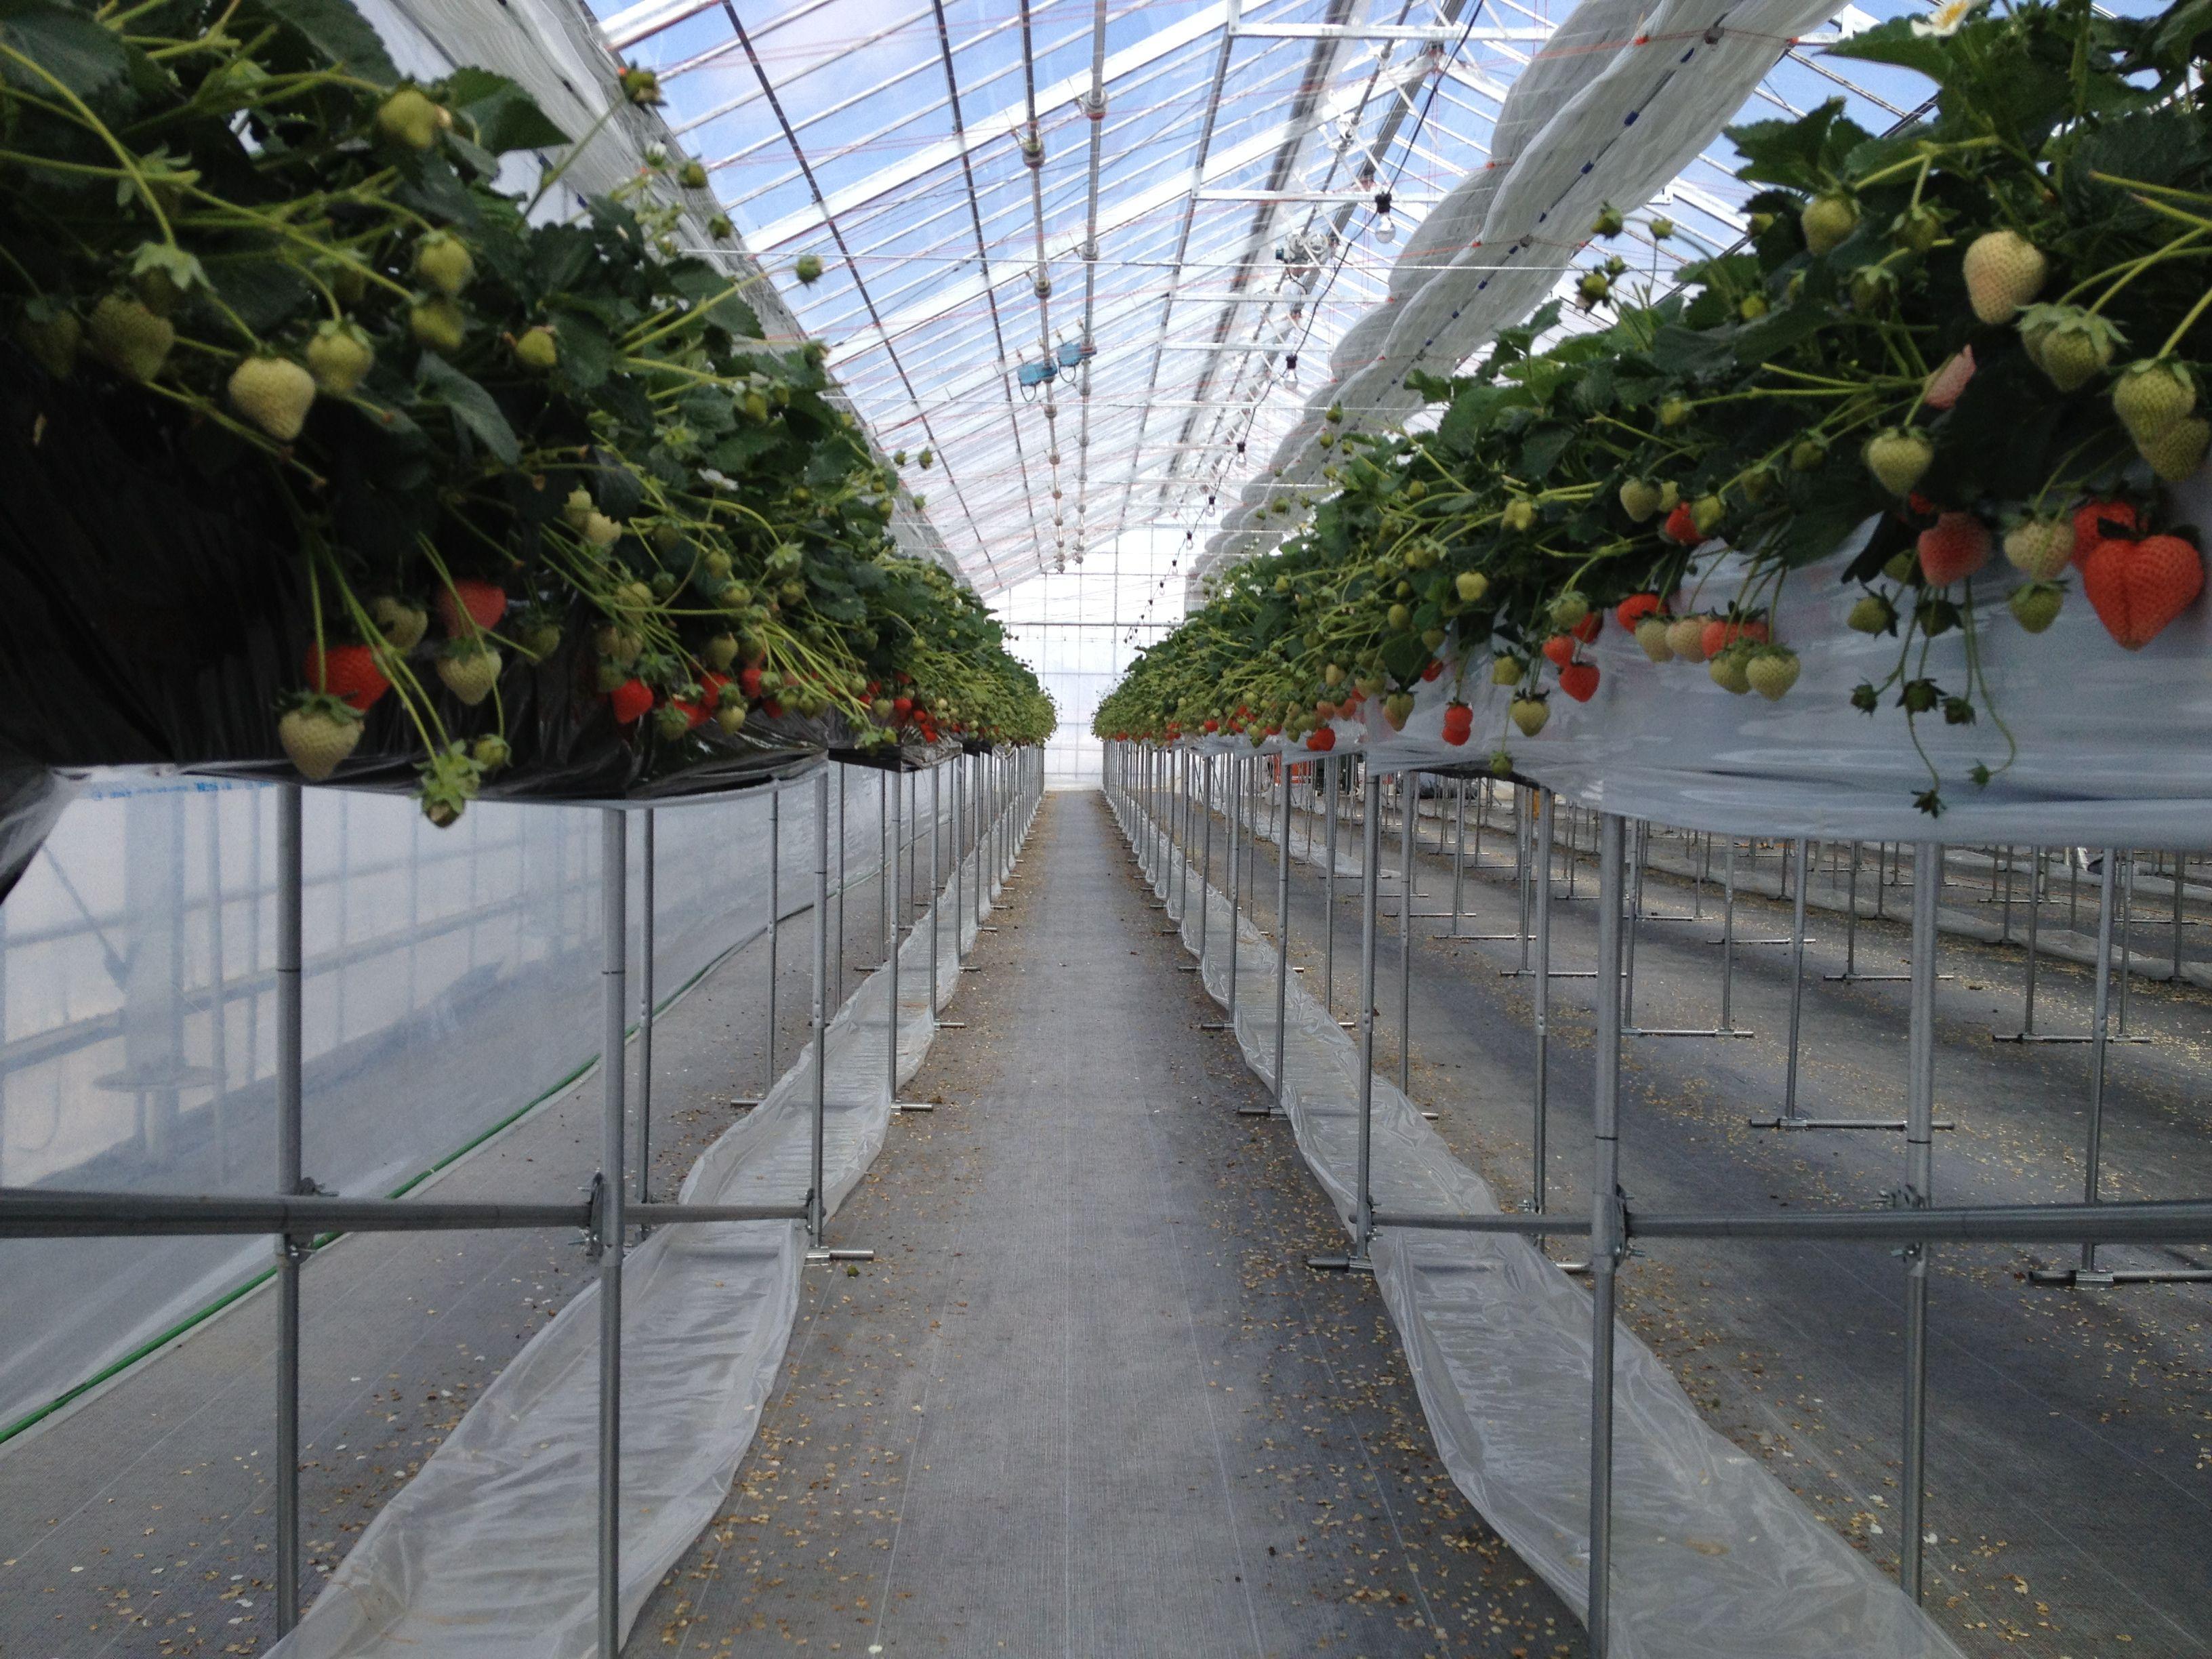 宮城県大崎市鹿島台にある、いちご倶楽部農園では、最新の水耕栽培設備にて桃薫いちごを栽培しております。